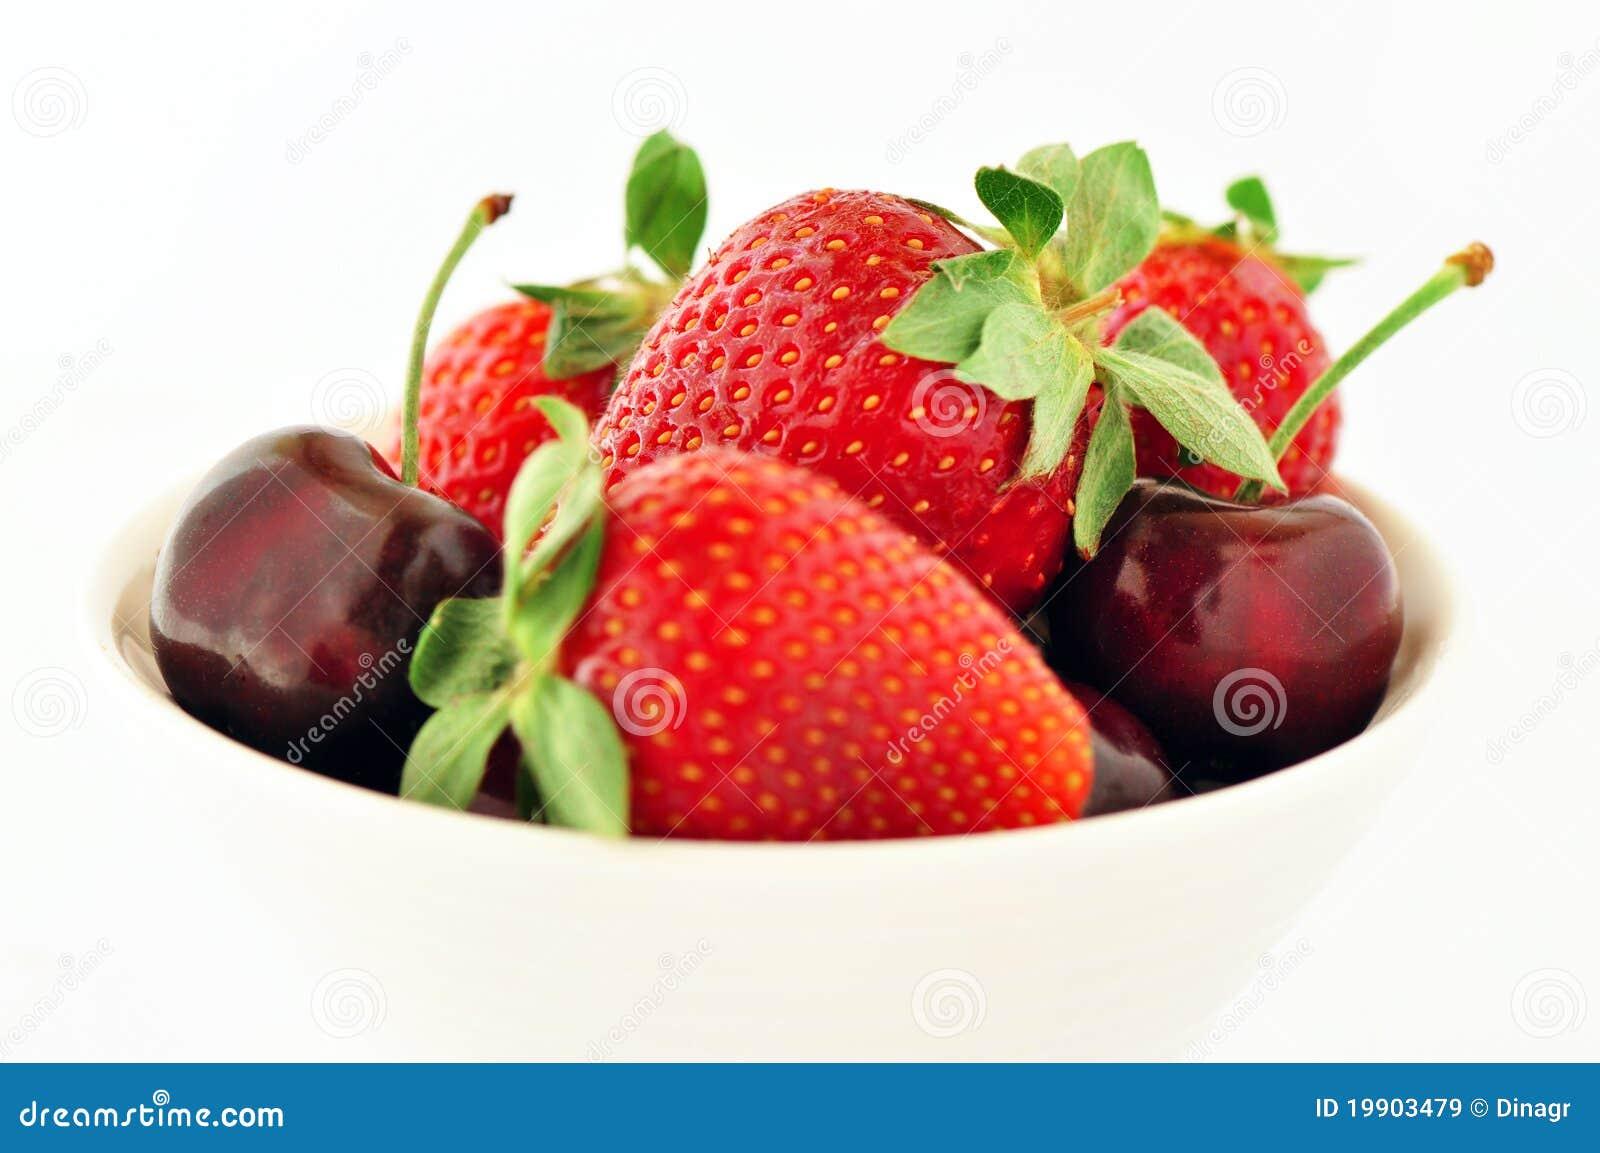 Strawberries and cherries